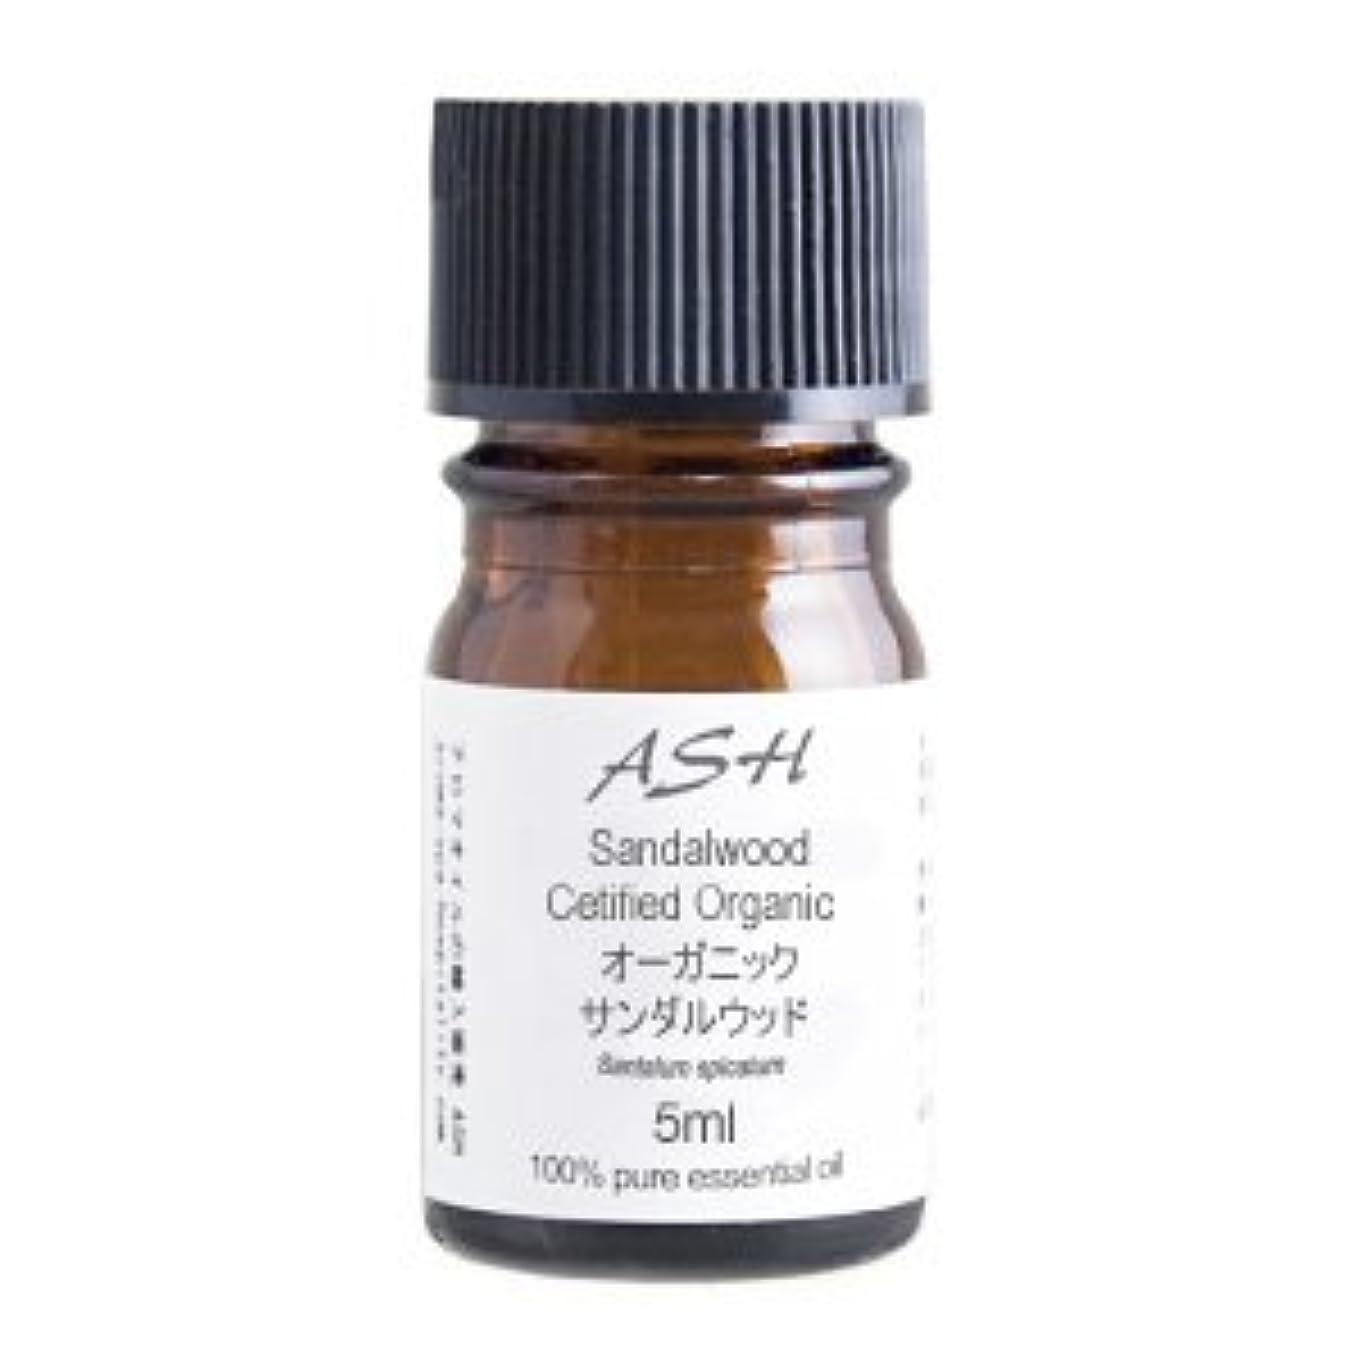 アジテーション失礼コカインASH オーガニック サンダルウッド エッセンシャルオイル 5ml AEAJ表示基準適合認定精油